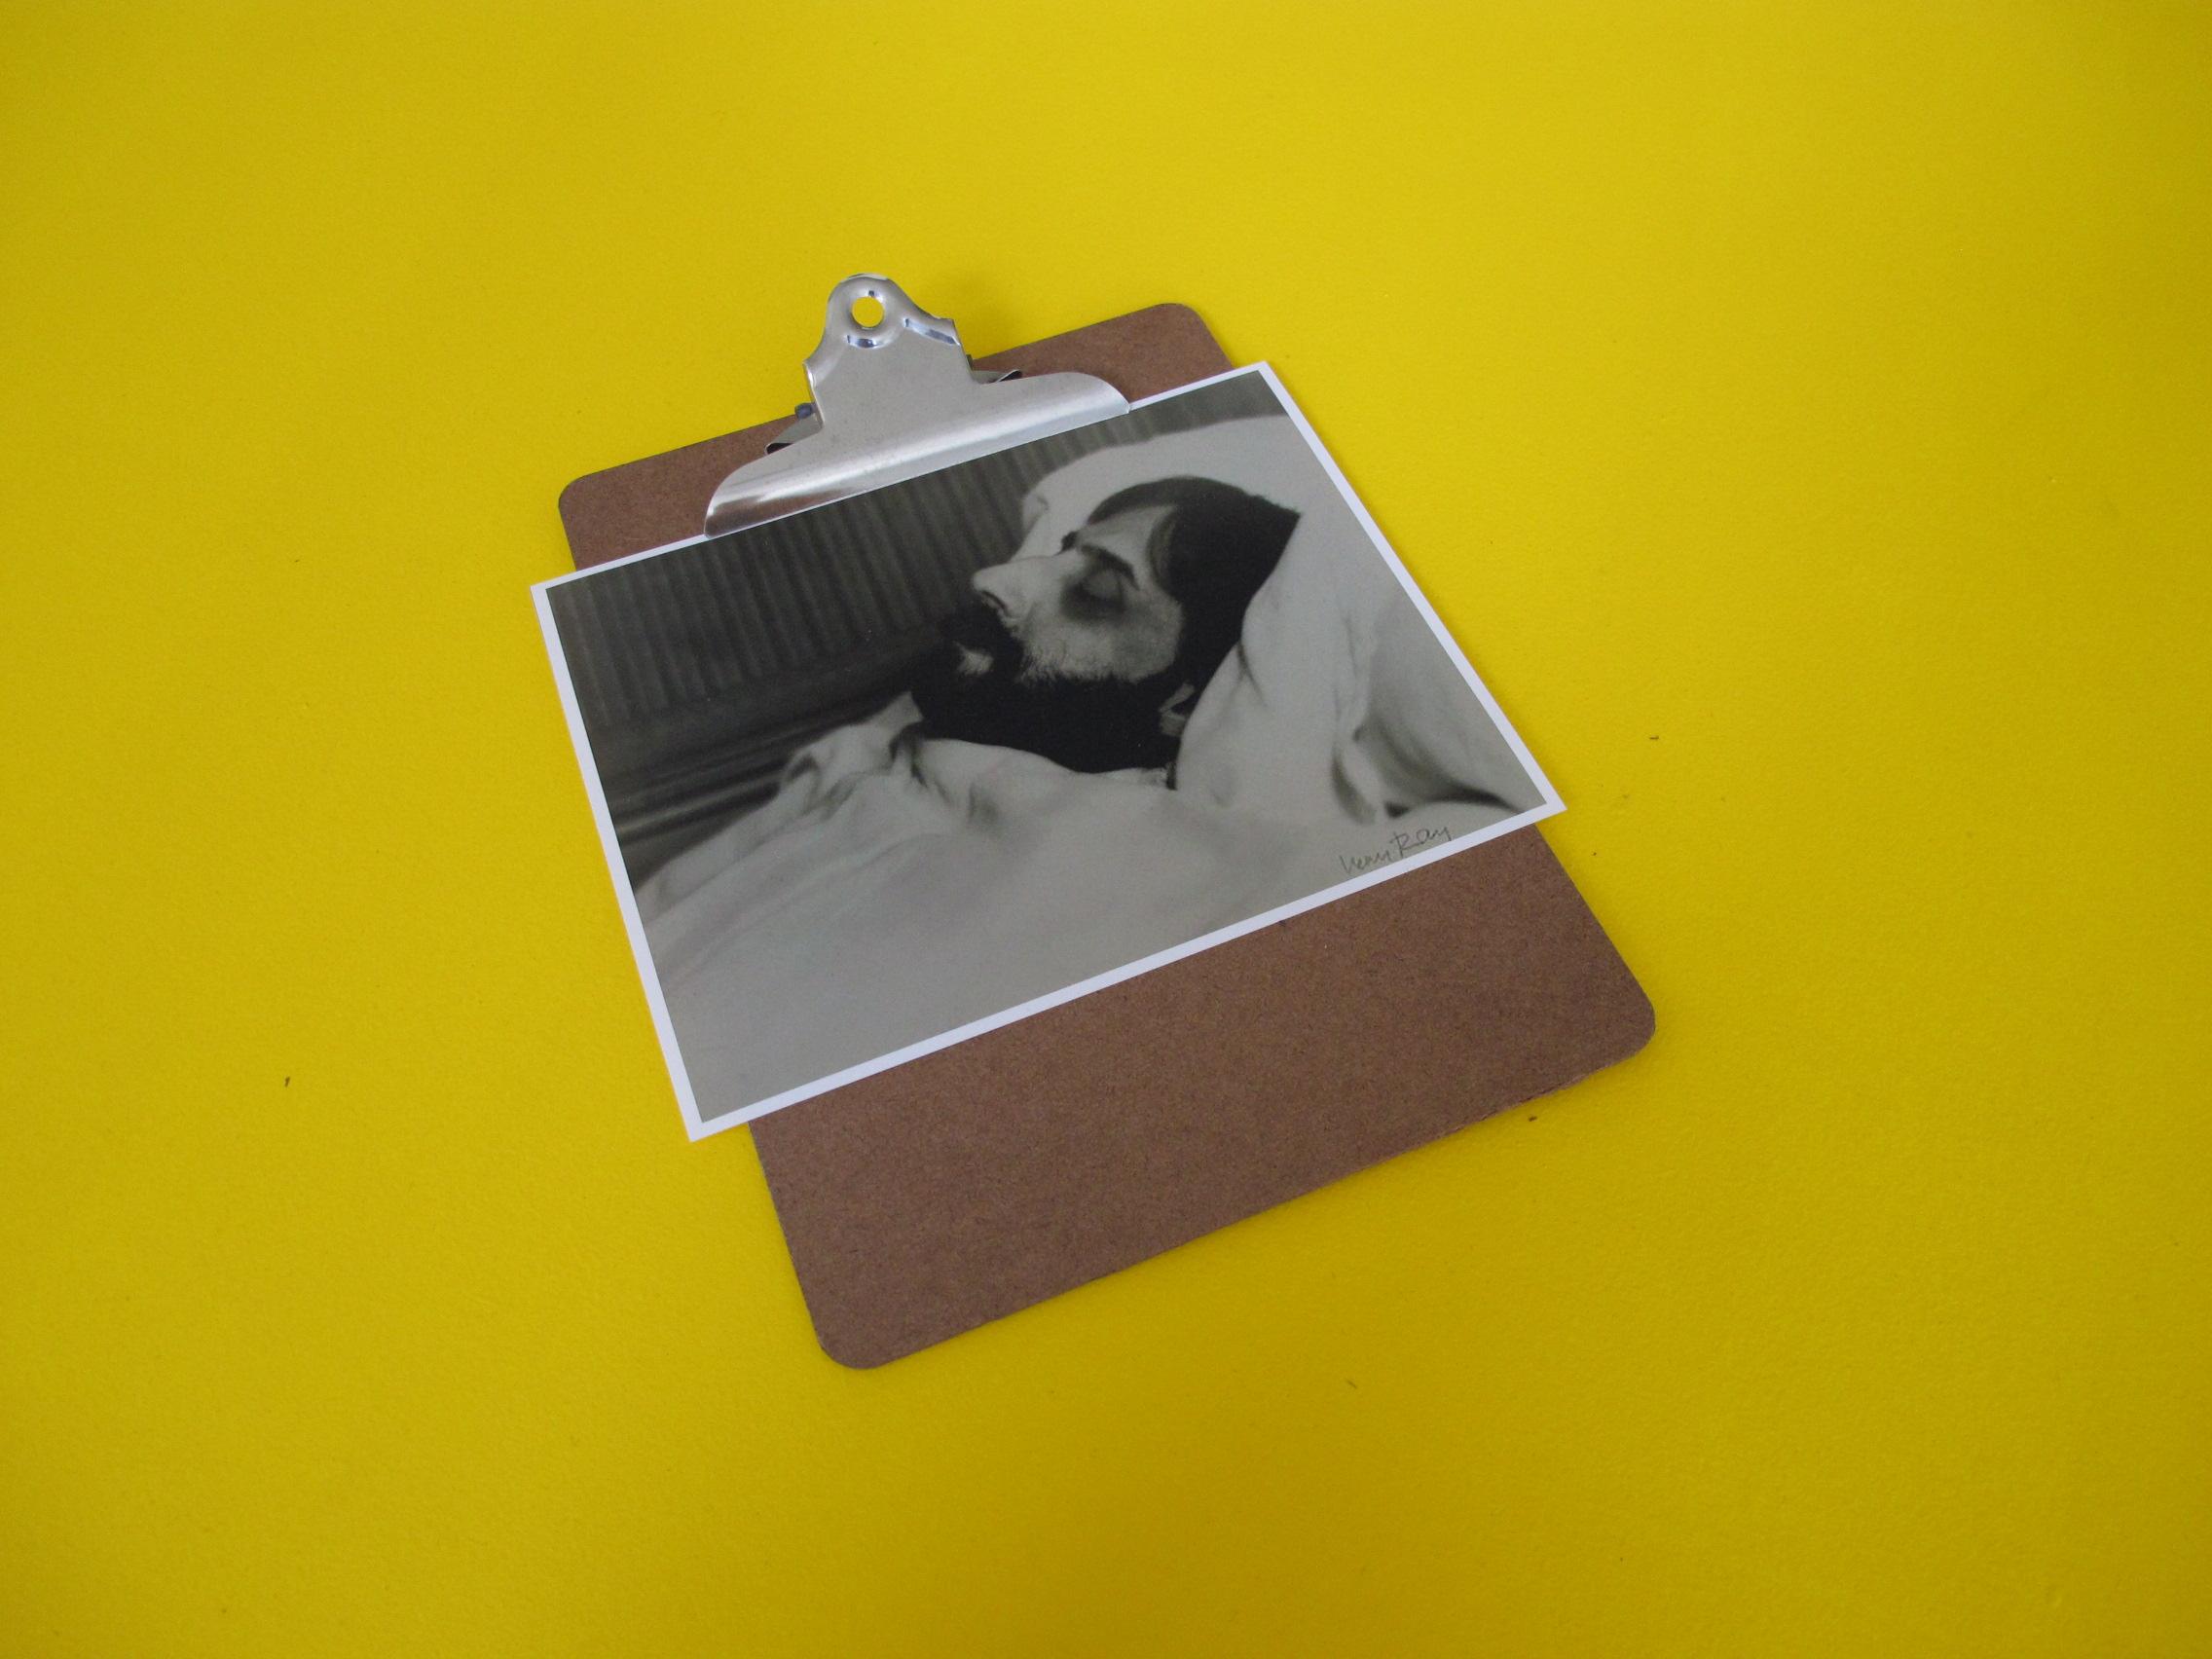 Detalle de Untitled Yellow   (Proust/Vermeer)  ,  1976,MDF, acrílico, neón,clipboard con fotografías,365,76 x 243,84.